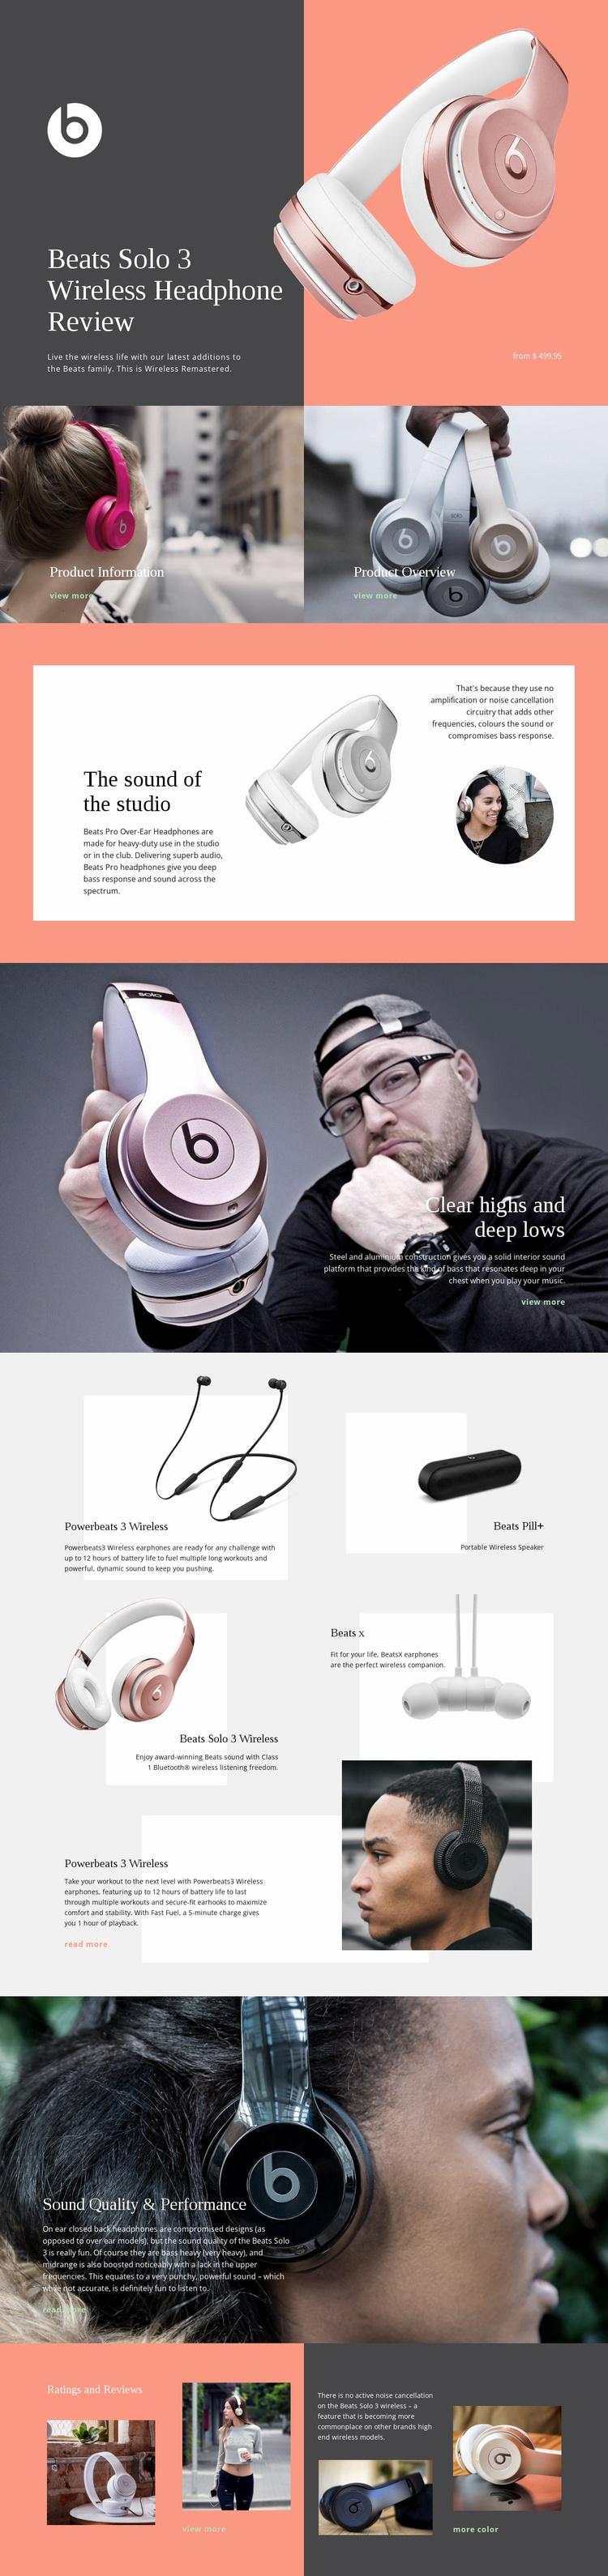 Beats Wireless Landing Page